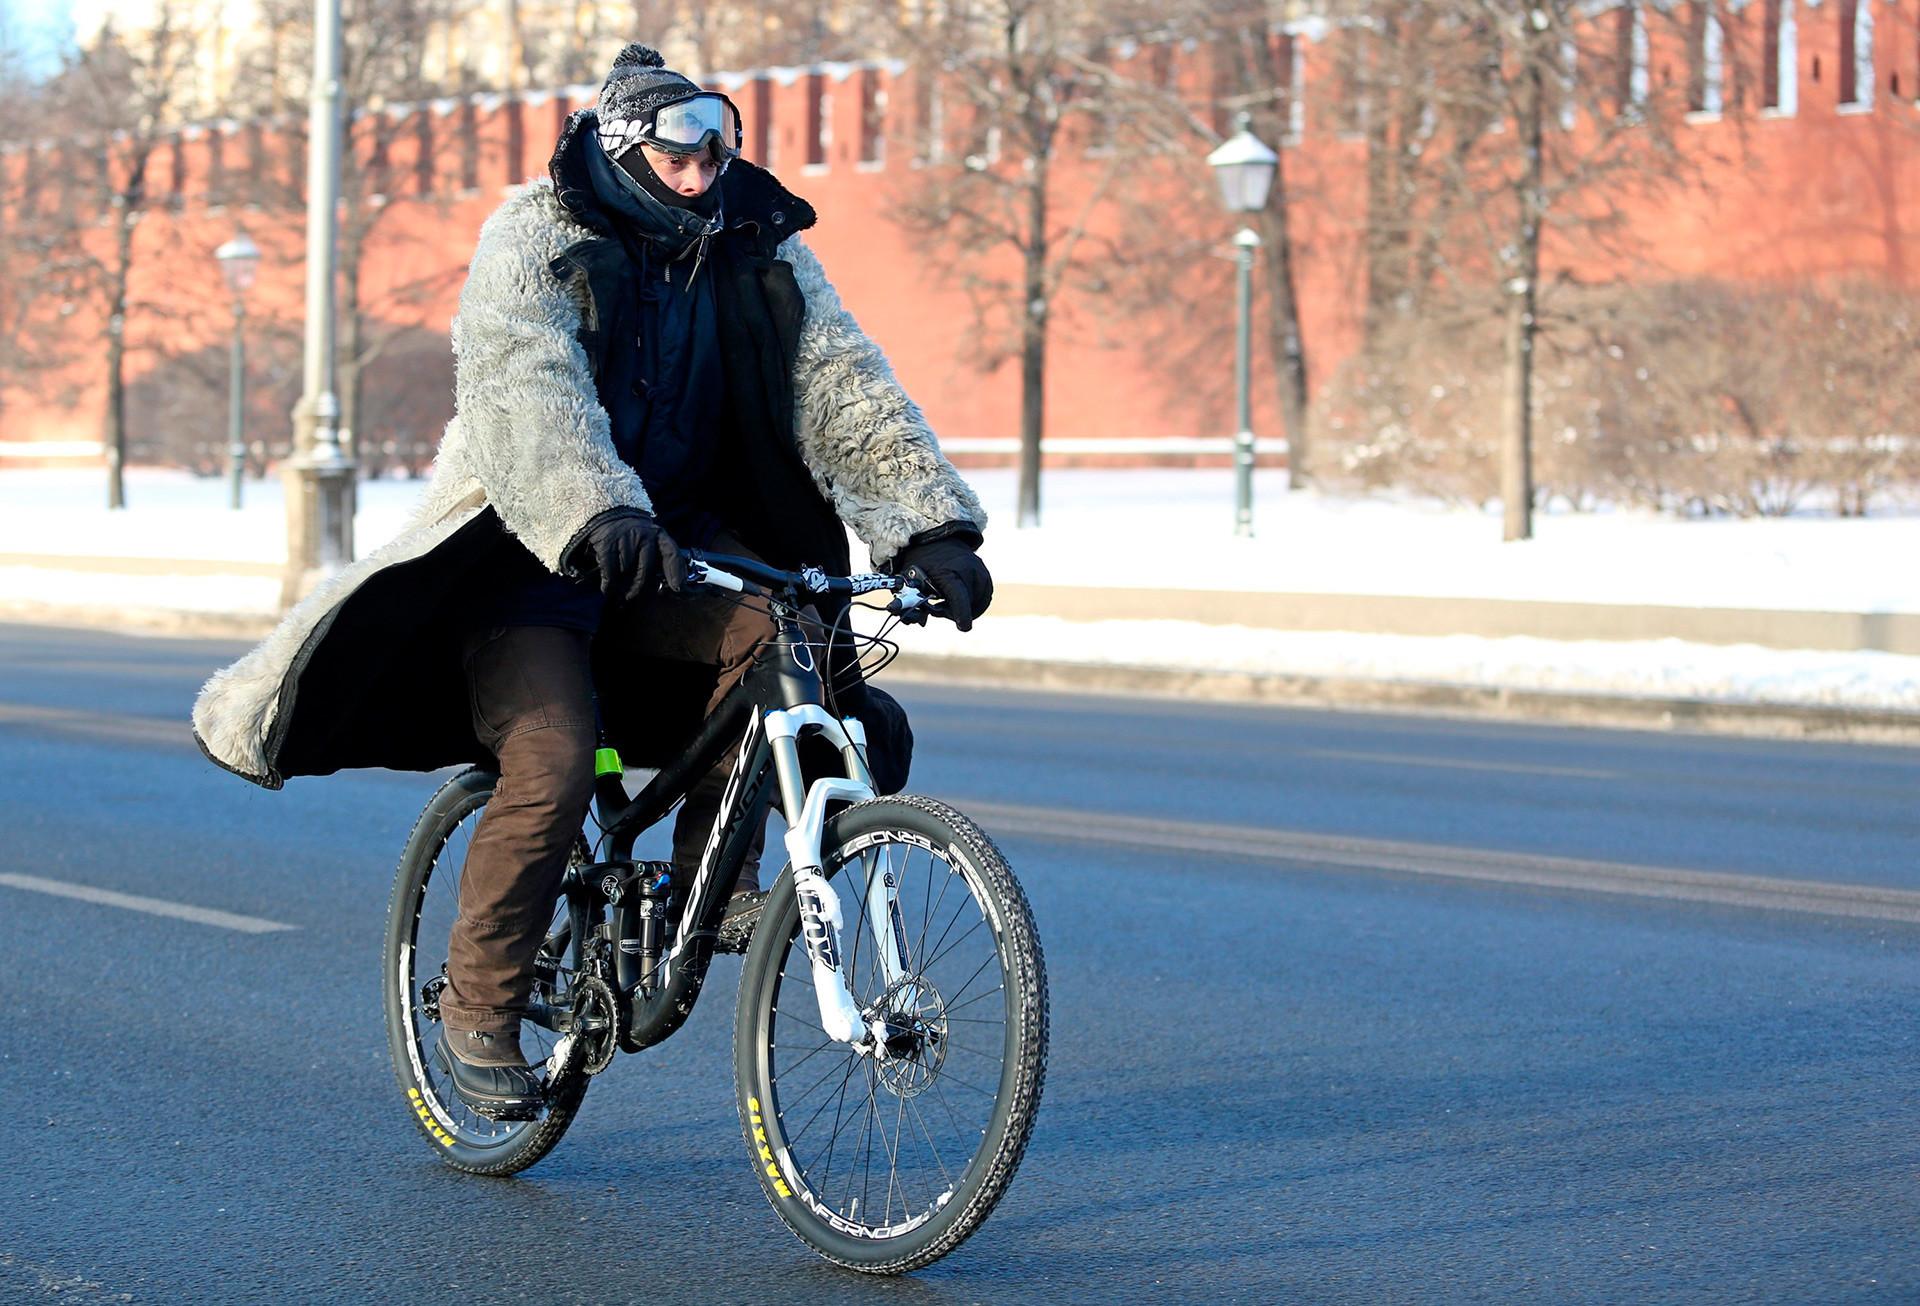 Orang Rusia pun sering tak bisa bersenang-senang di luar rumah ketika musim dingin.